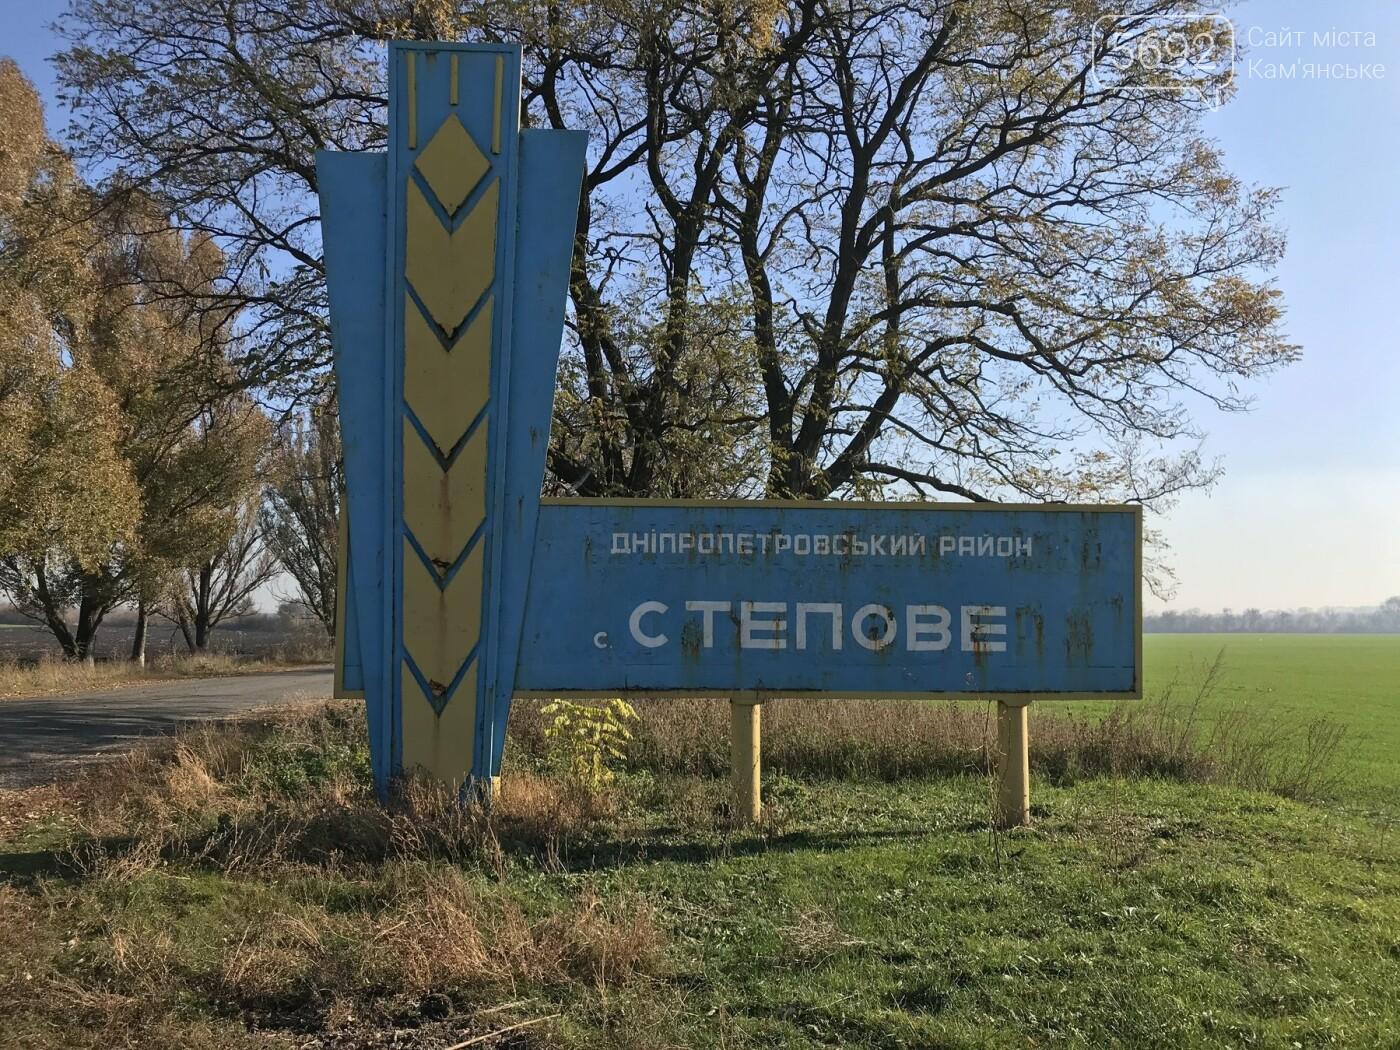 Что получит Каменское в случае присоединения: репортаж из Степового, фото-43